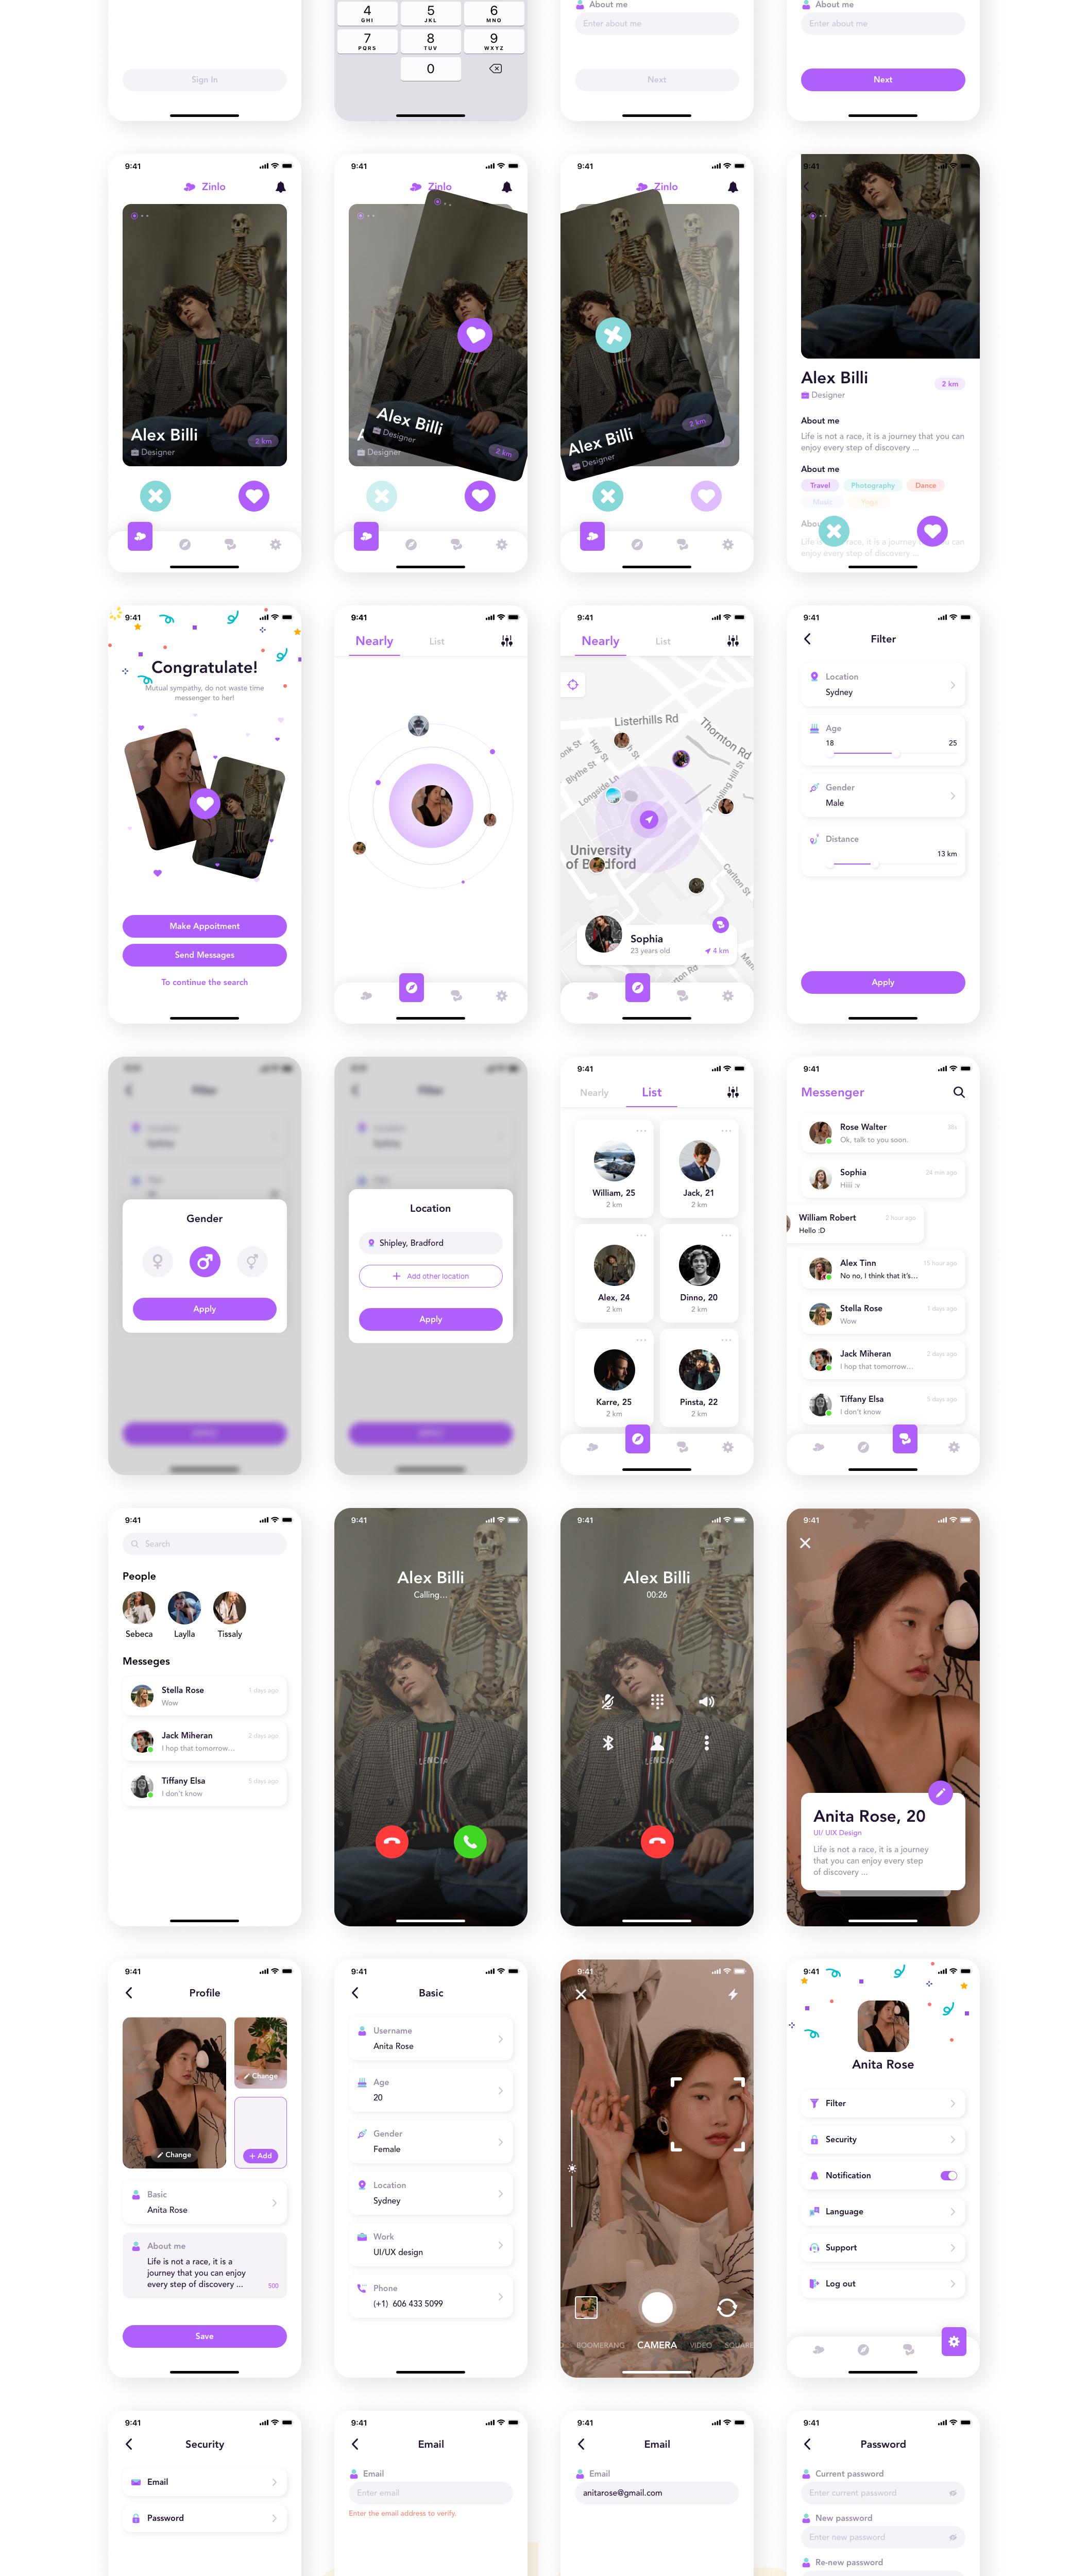 极简社交交友约会iOS APP界面设计UI套件 Zinlo – Dating App UI Kit插图1